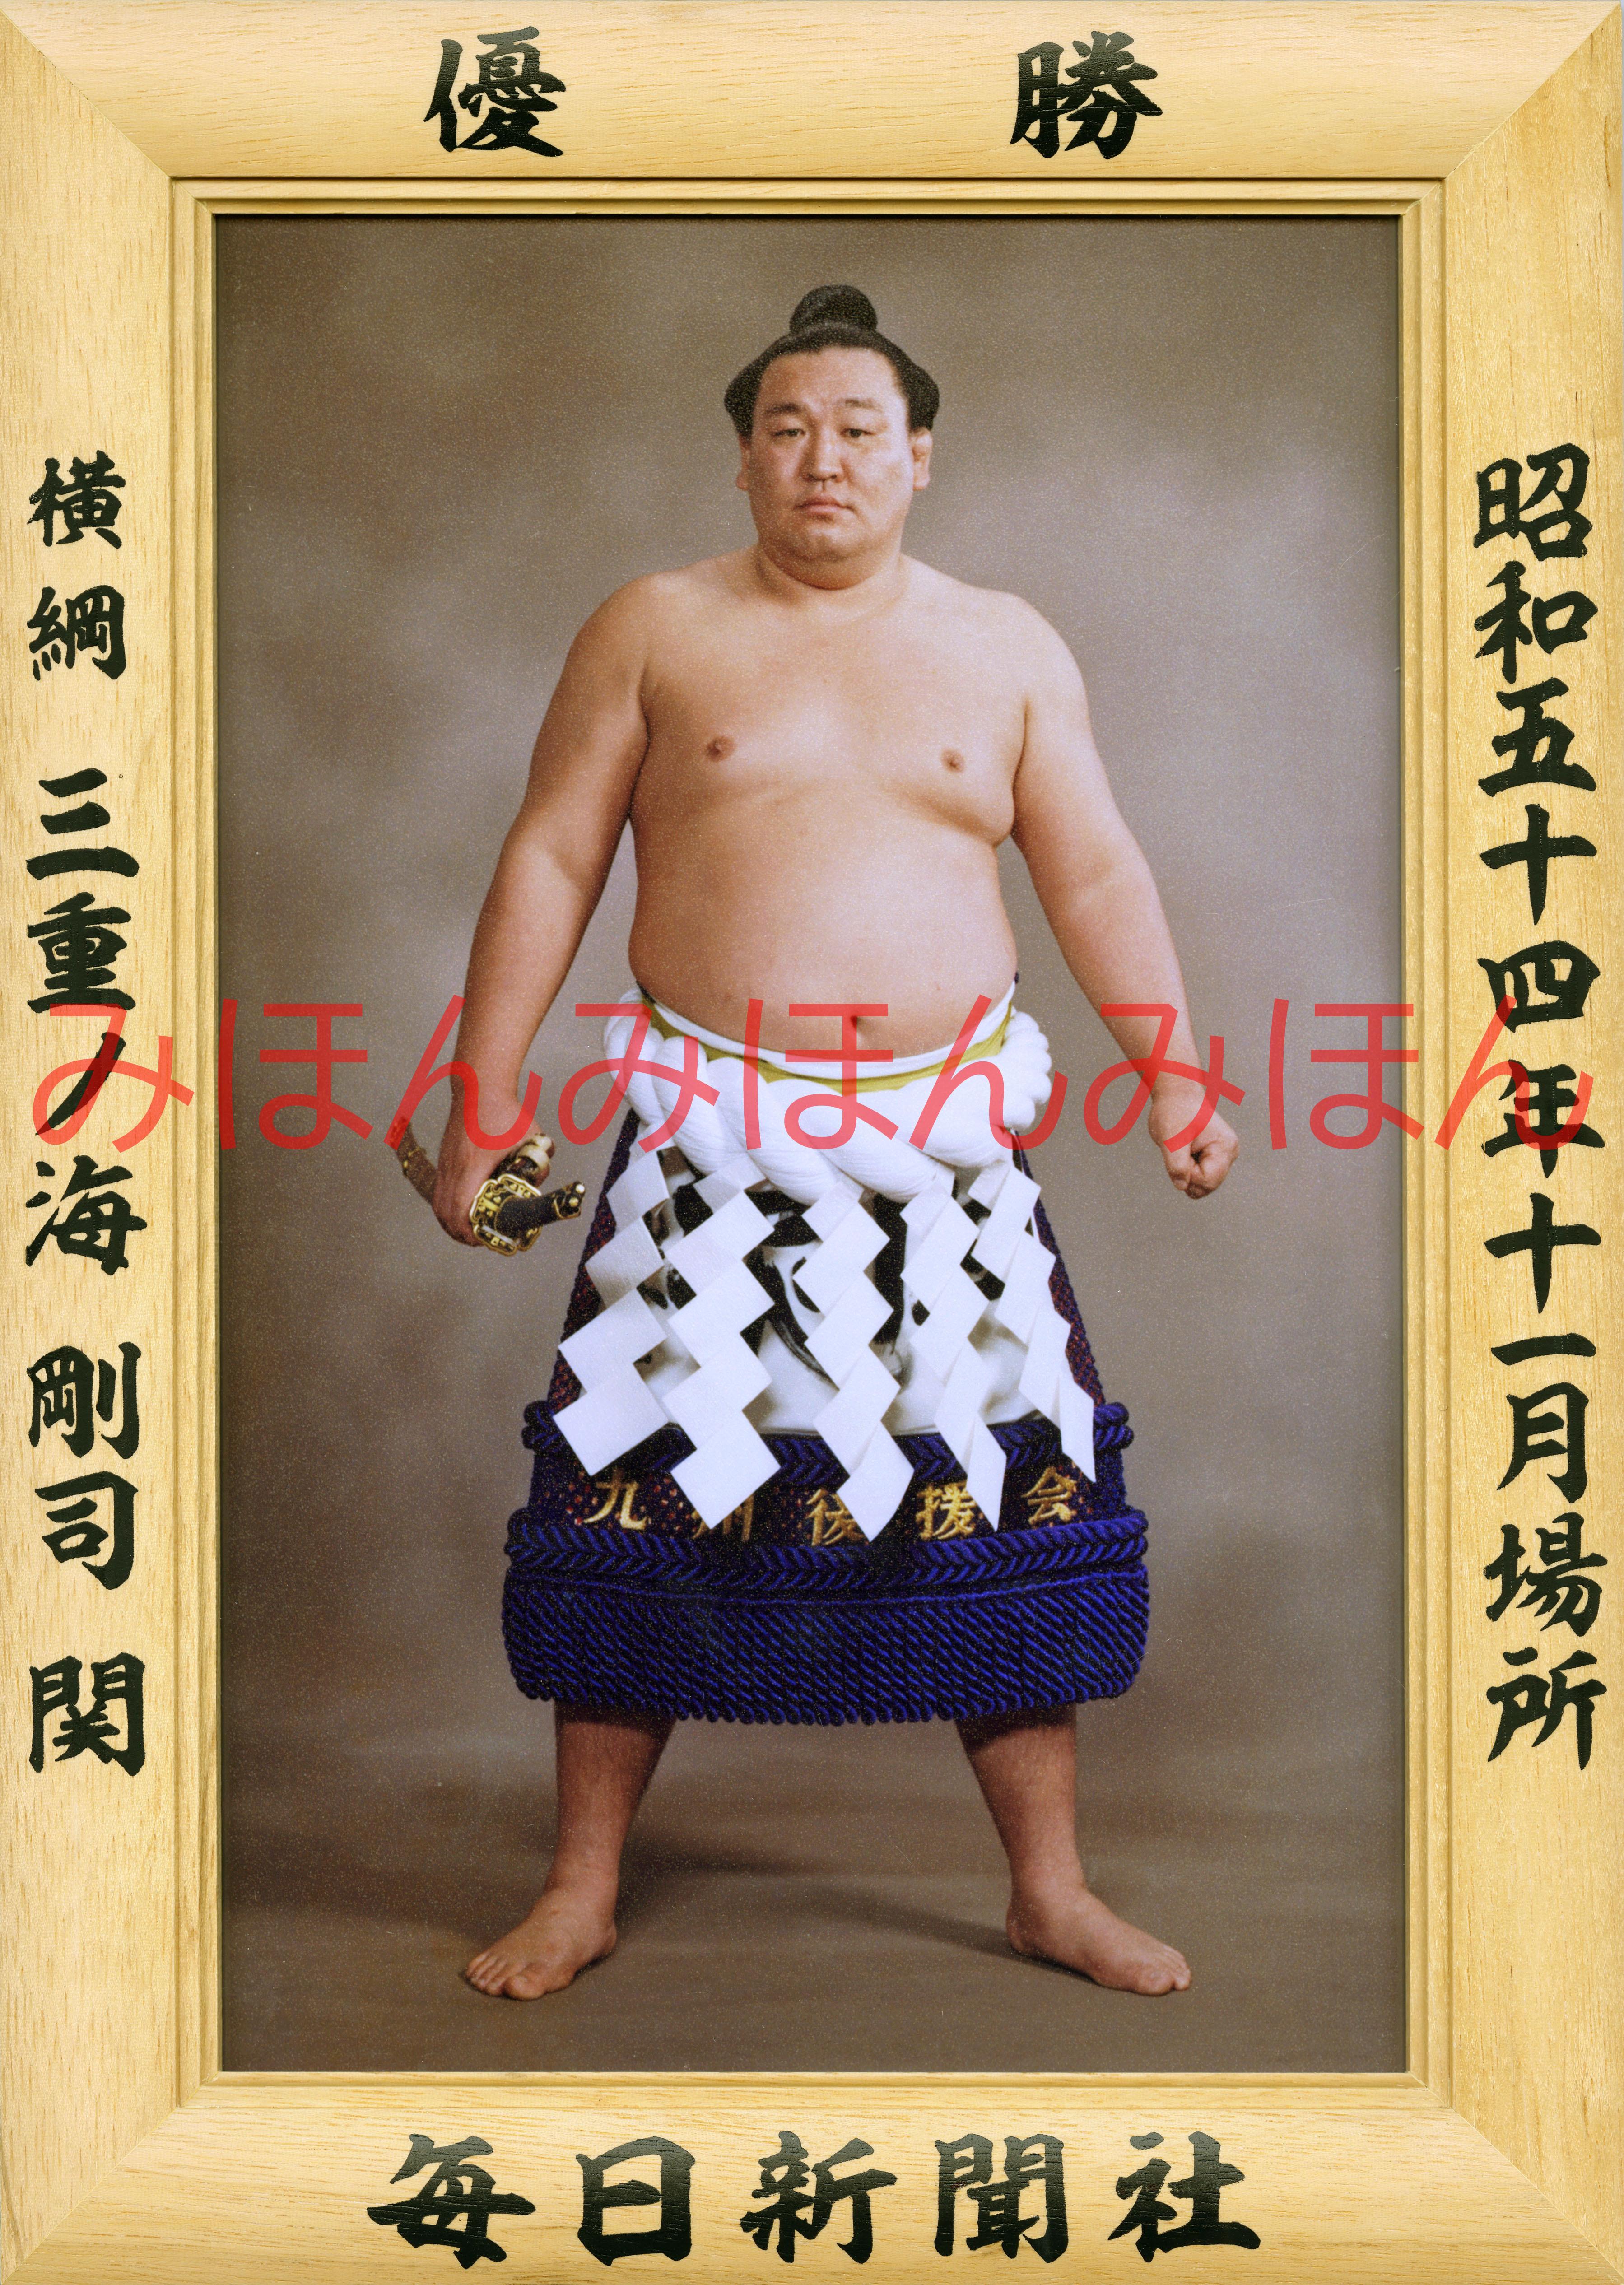 昭和54年11月場所優勝 横綱 三重ノ海剛司関(2回目の優勝)